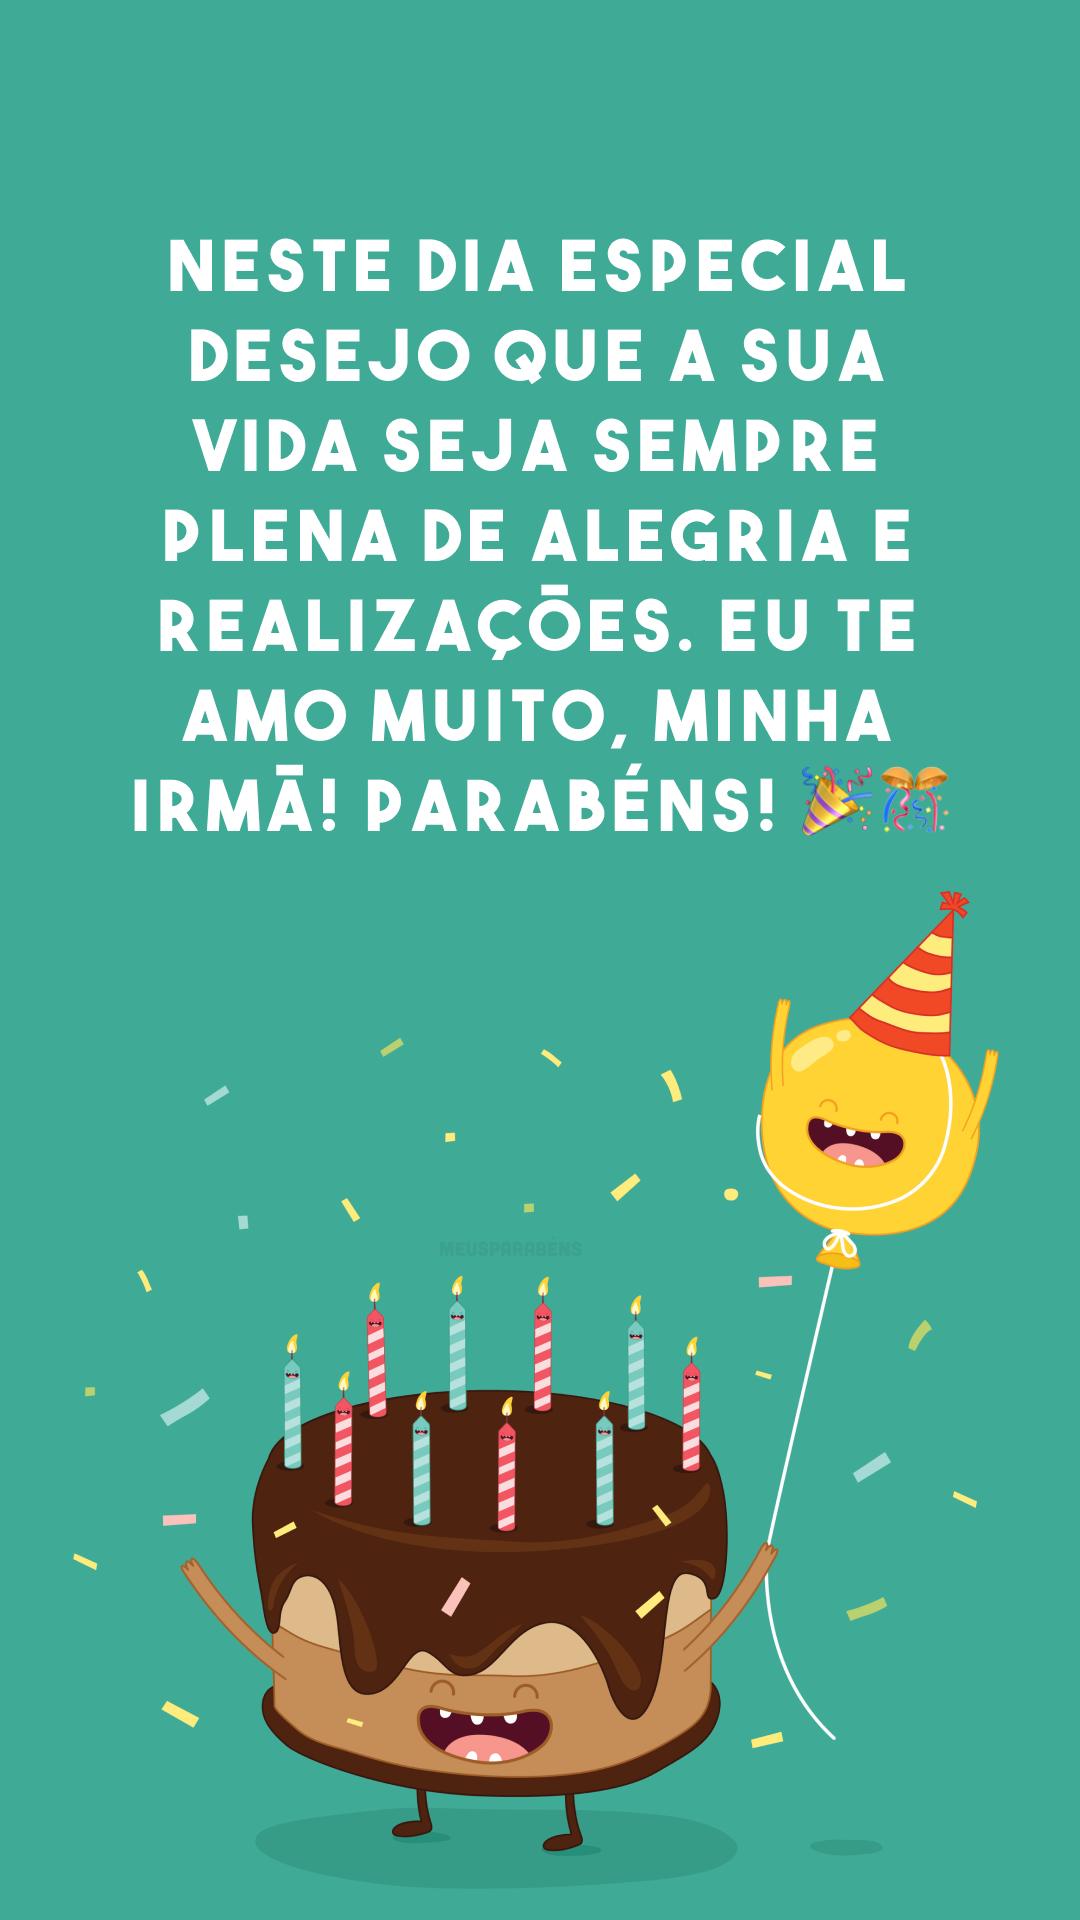 Neste dia especial desejo que a sua vida seja sempre plena de alegria e realizações. Eu te amo muito, minha irmã! Parabéns! 🎉🎊